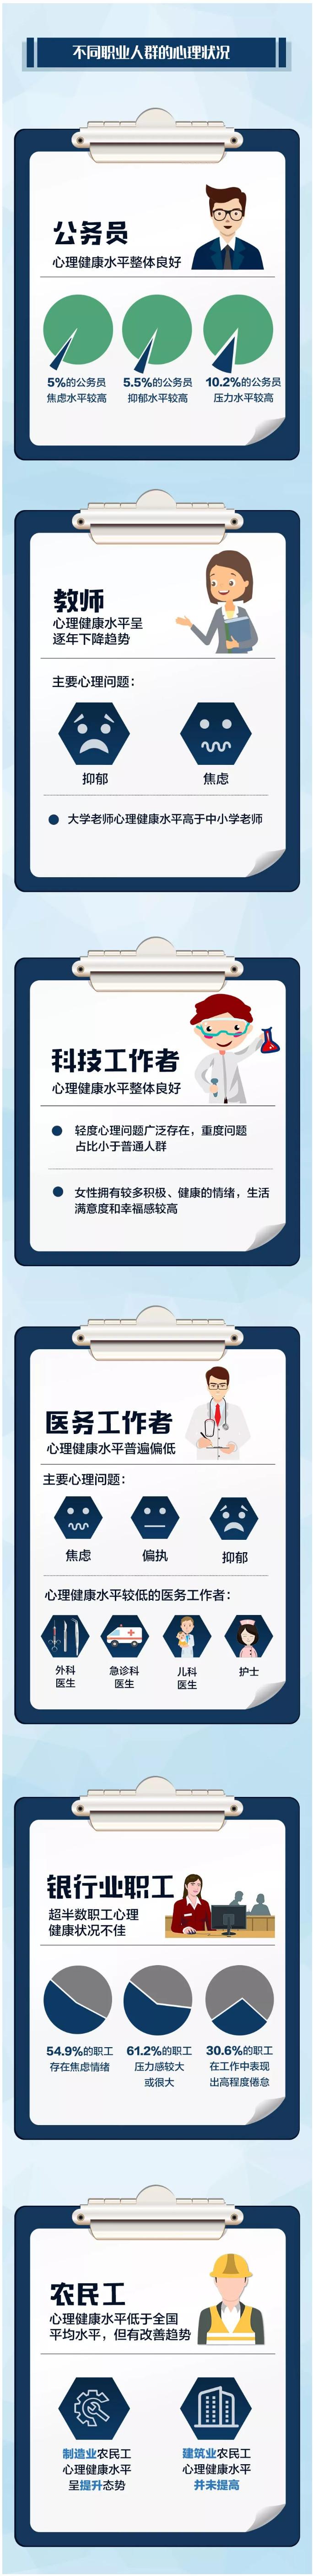 双语:国民心理健康蓝皮书公布!教师、医生等行业成重灾区